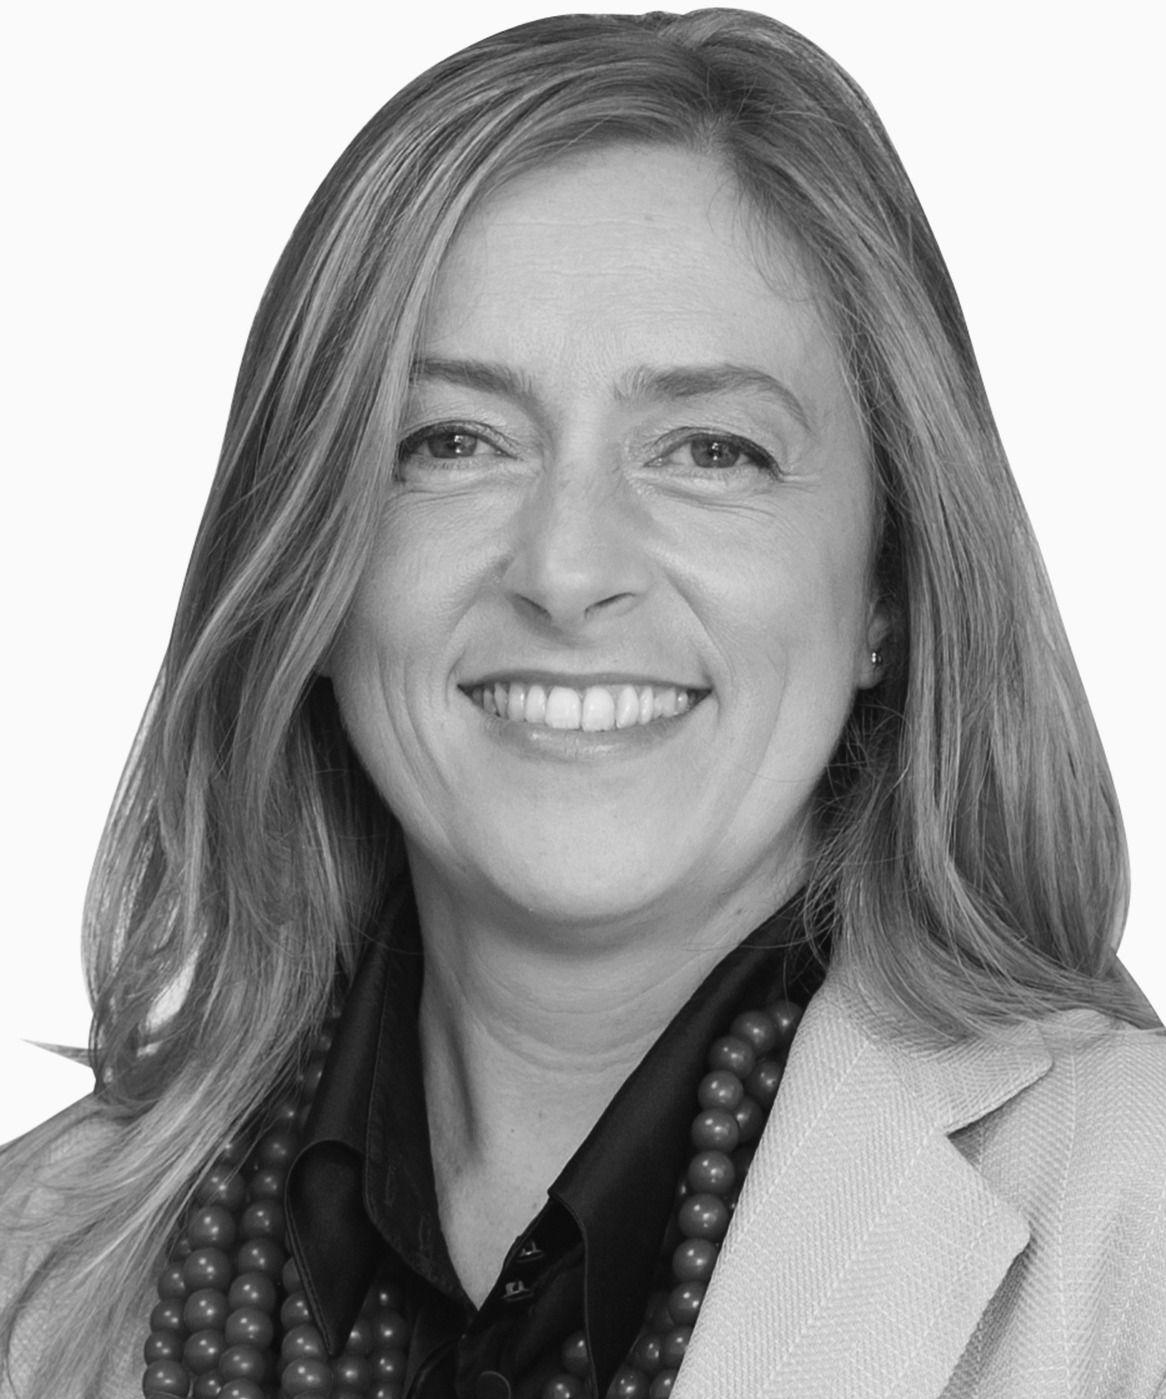 Maria Pilar Canedo